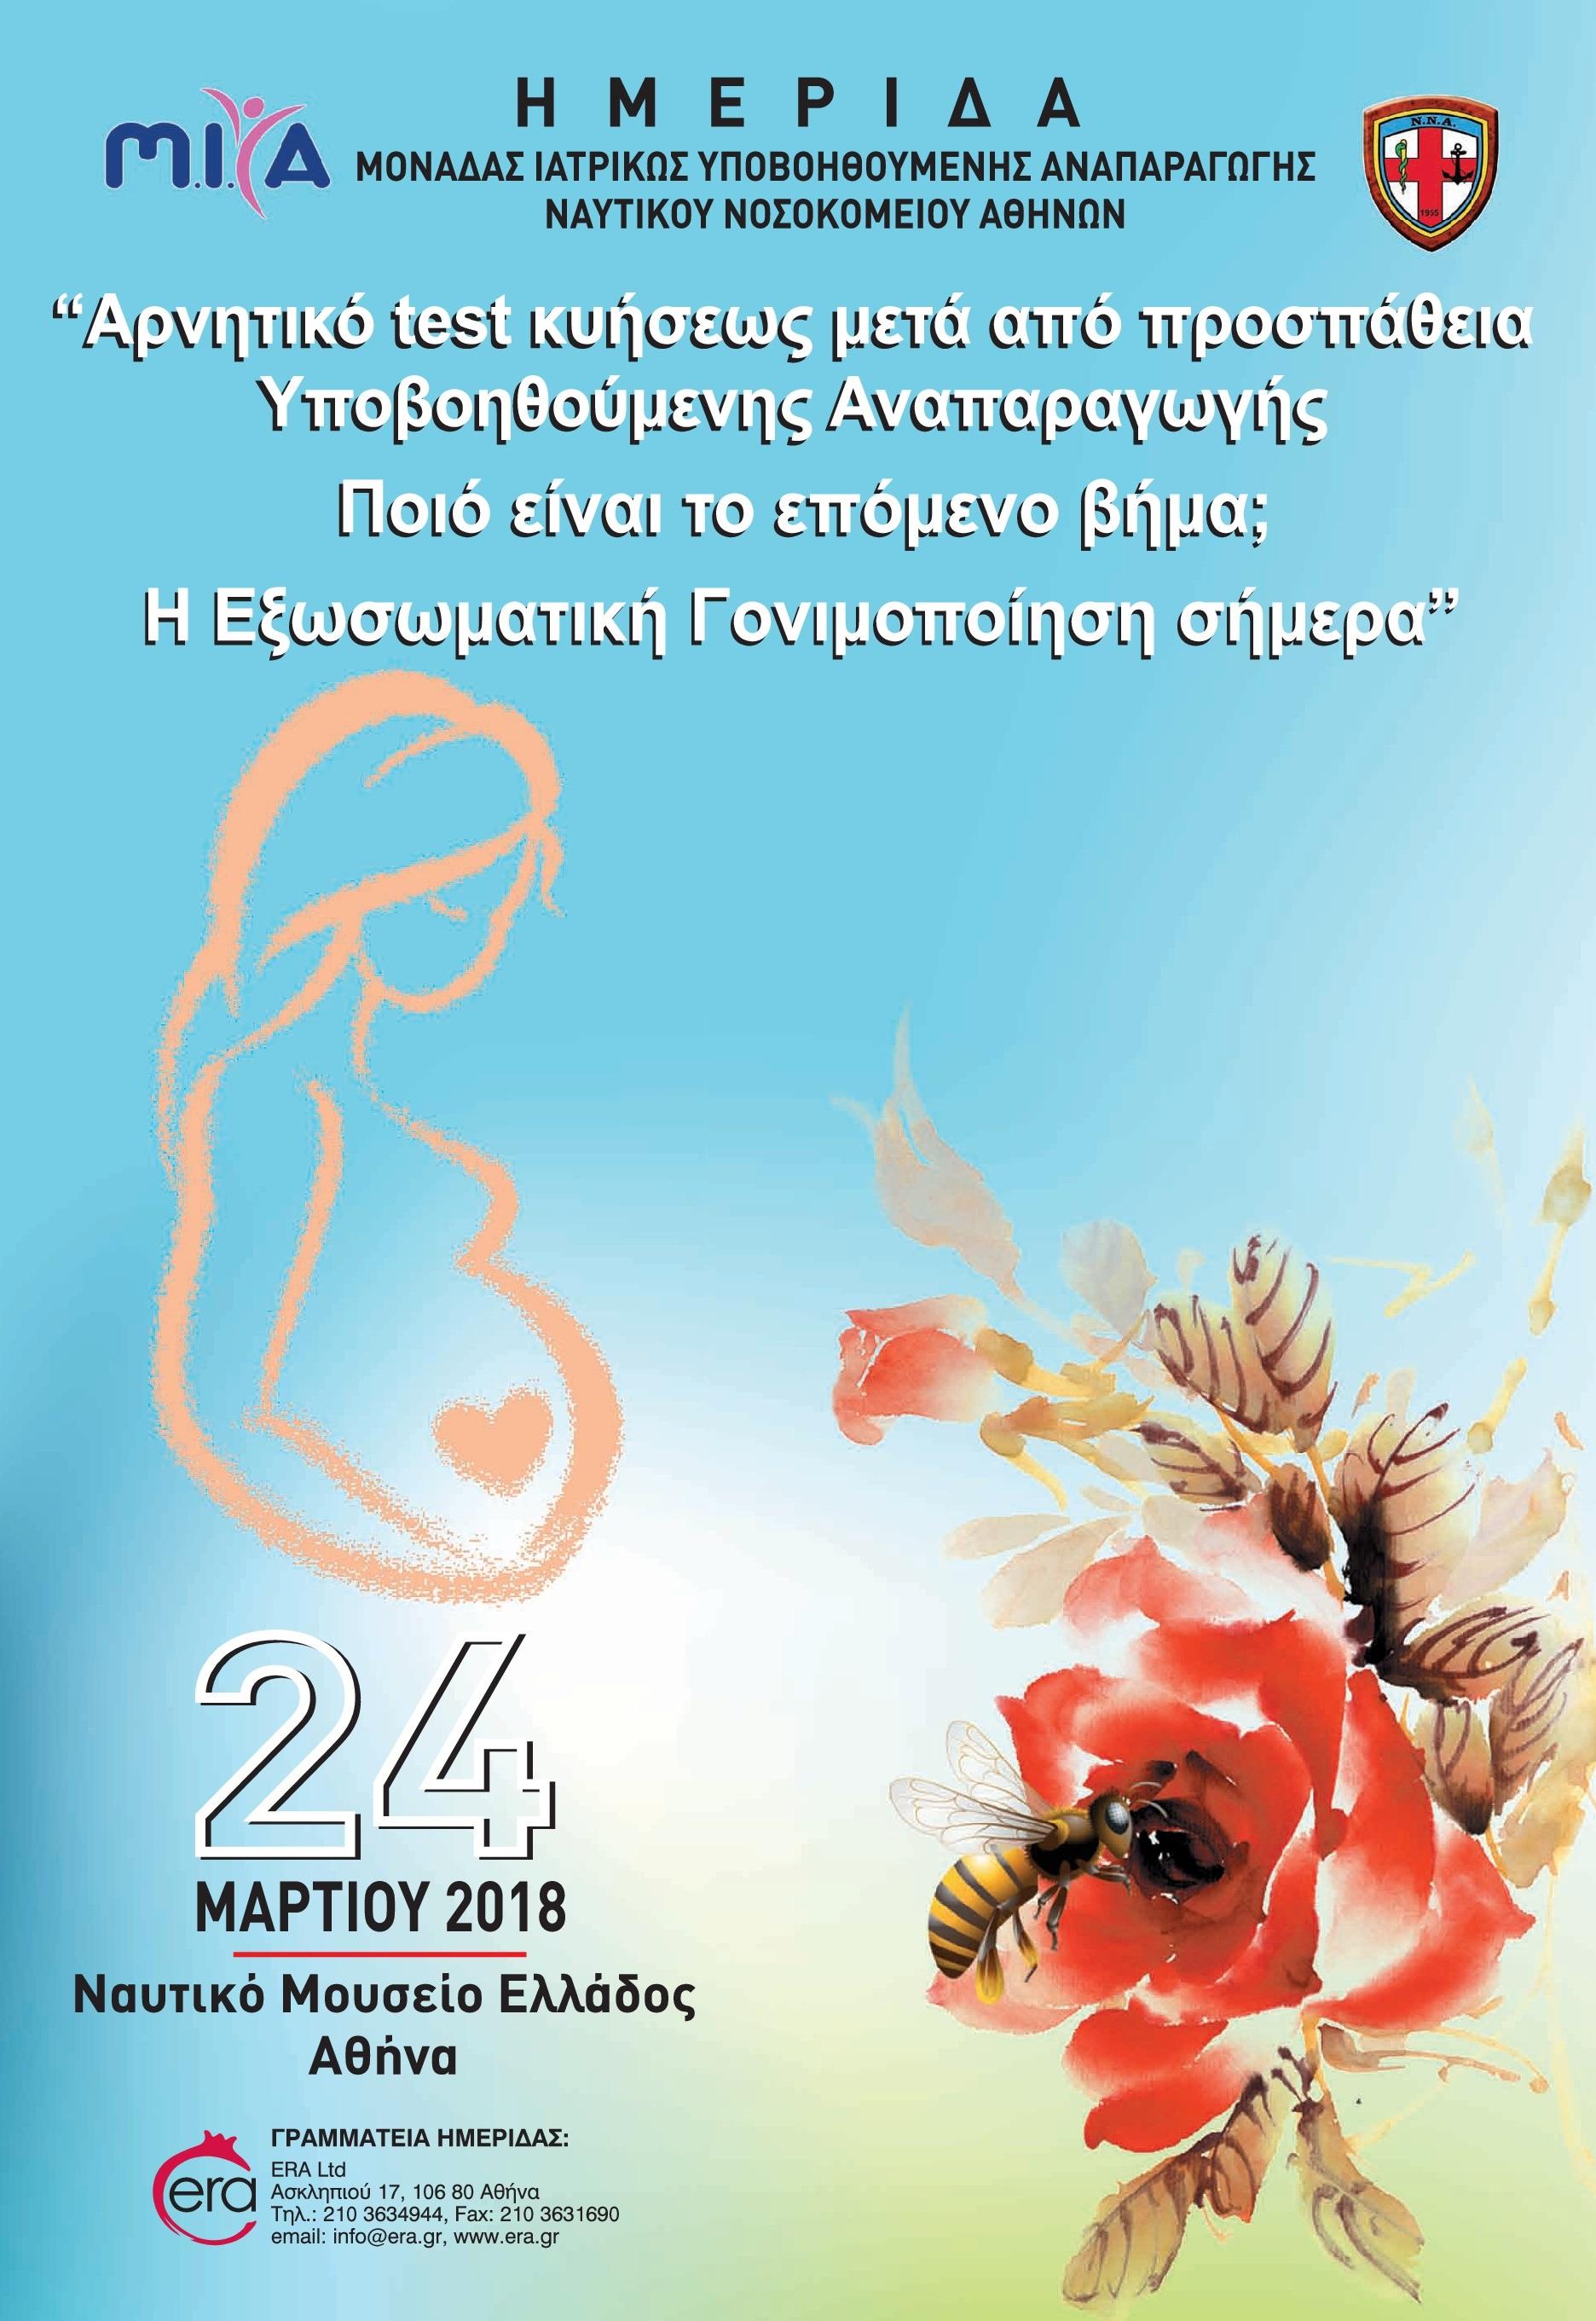 Επιστημονική Ημερίδα της Μονάδας Ιατρικώς Υποβοηθούμενης Αναπαραγωγής του Ναυτικού Νοσοκομείου Αθηνών